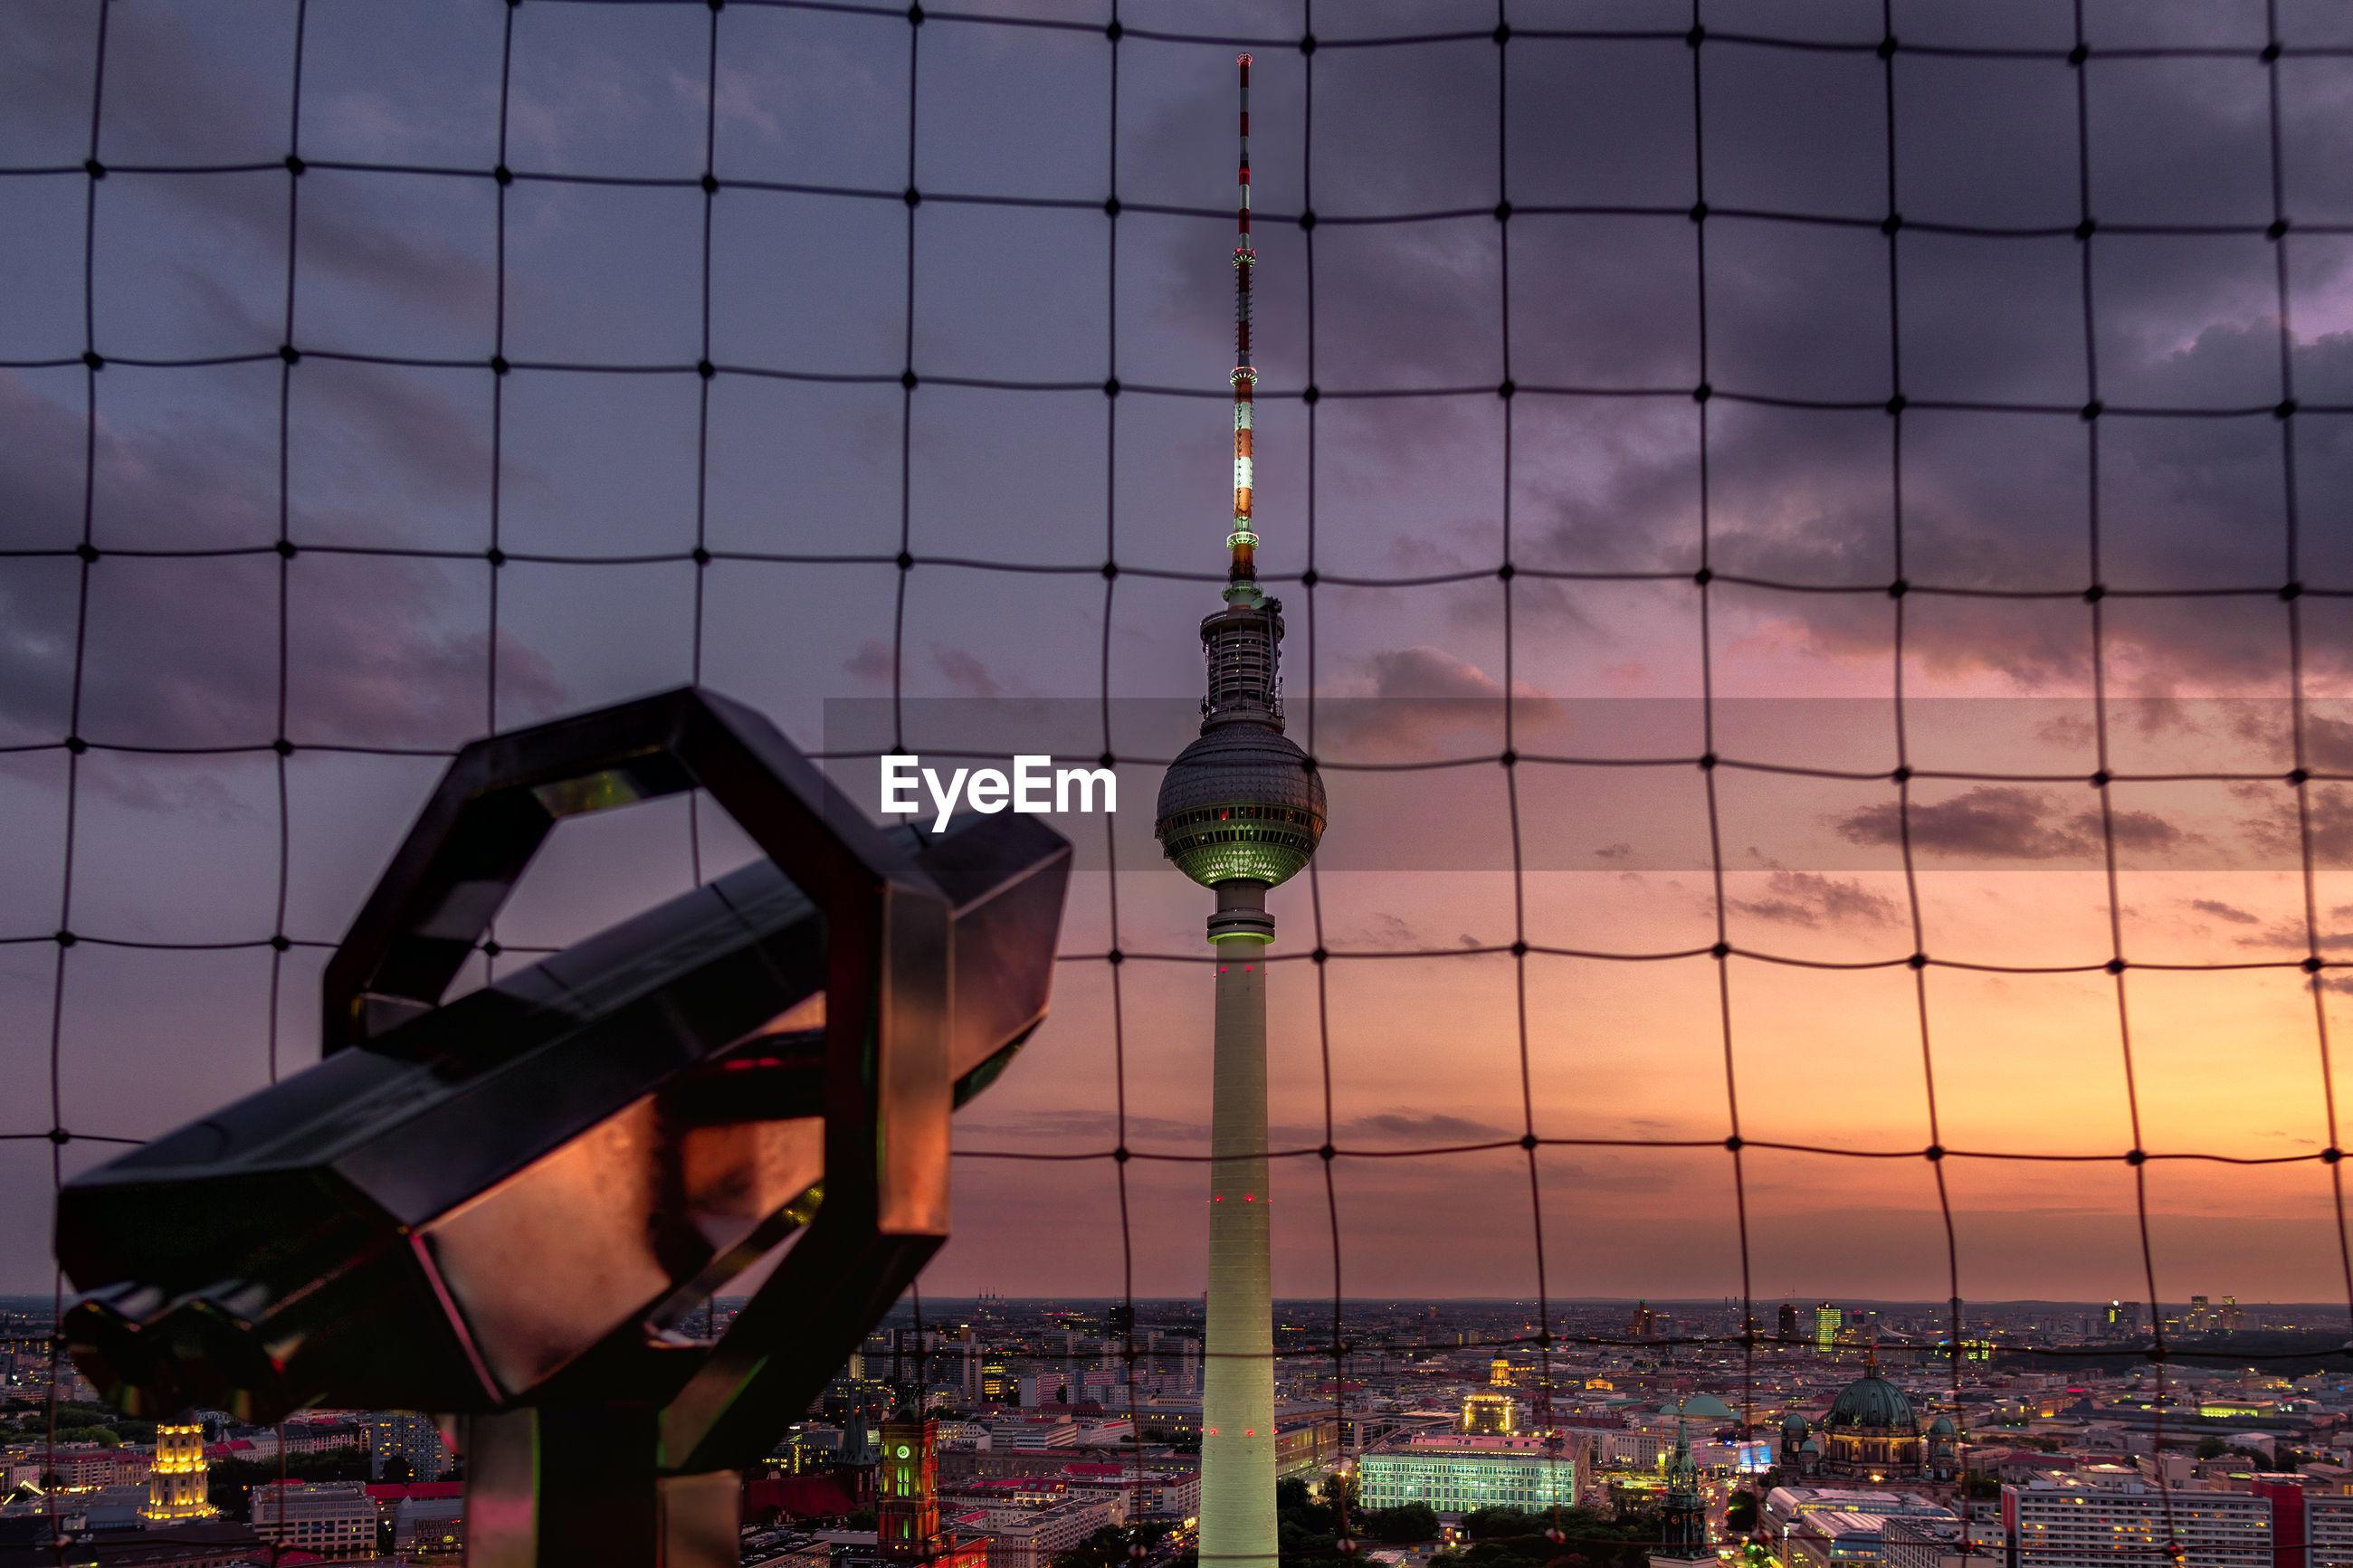 Fernsehturm seen through netting during sunset